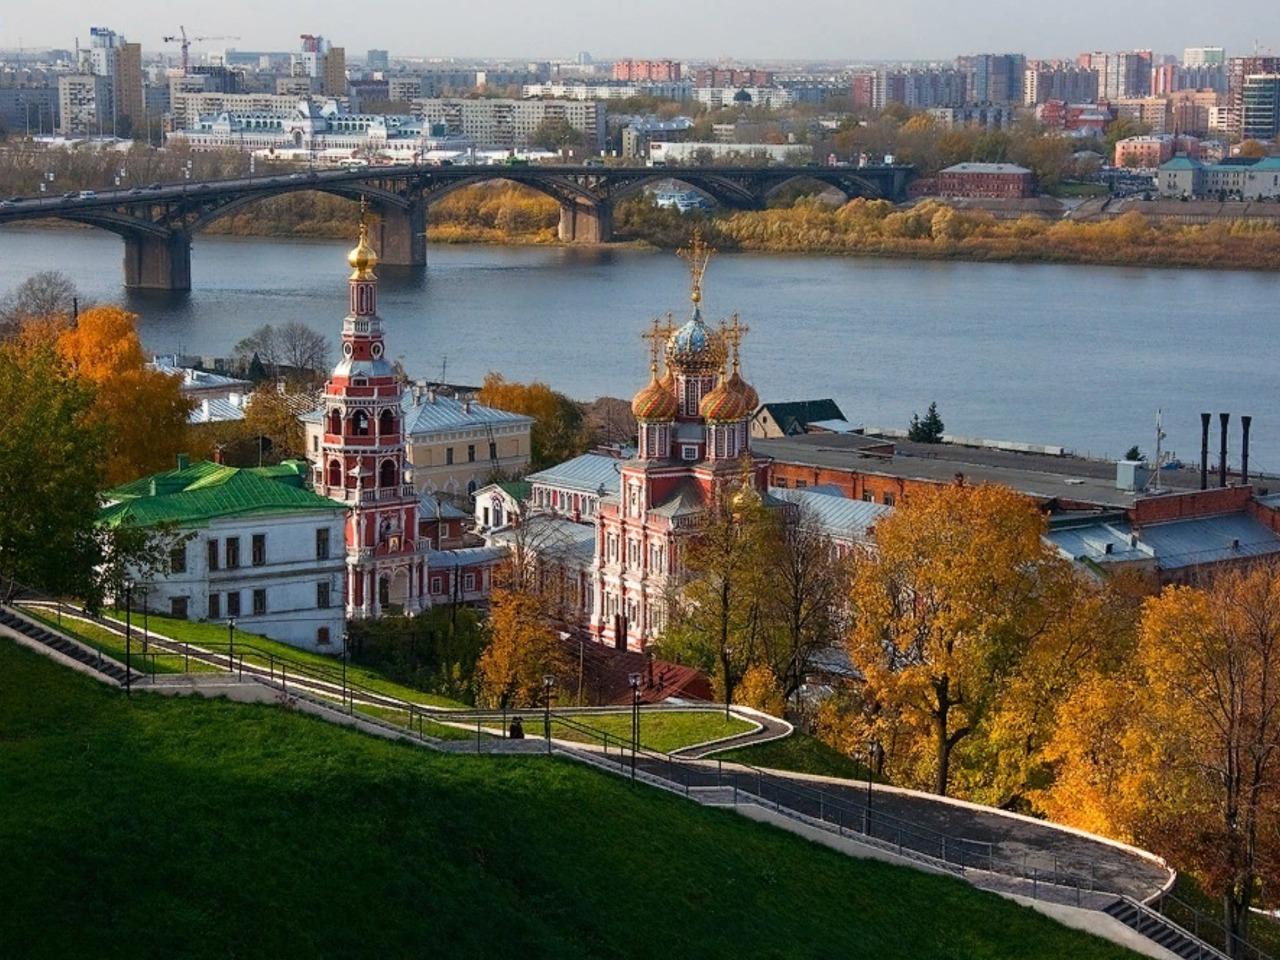 Нижний Новгород. Обзорная экскурсия - индивидуальная экскурсия по Нижнему Новгороду от опытного гида